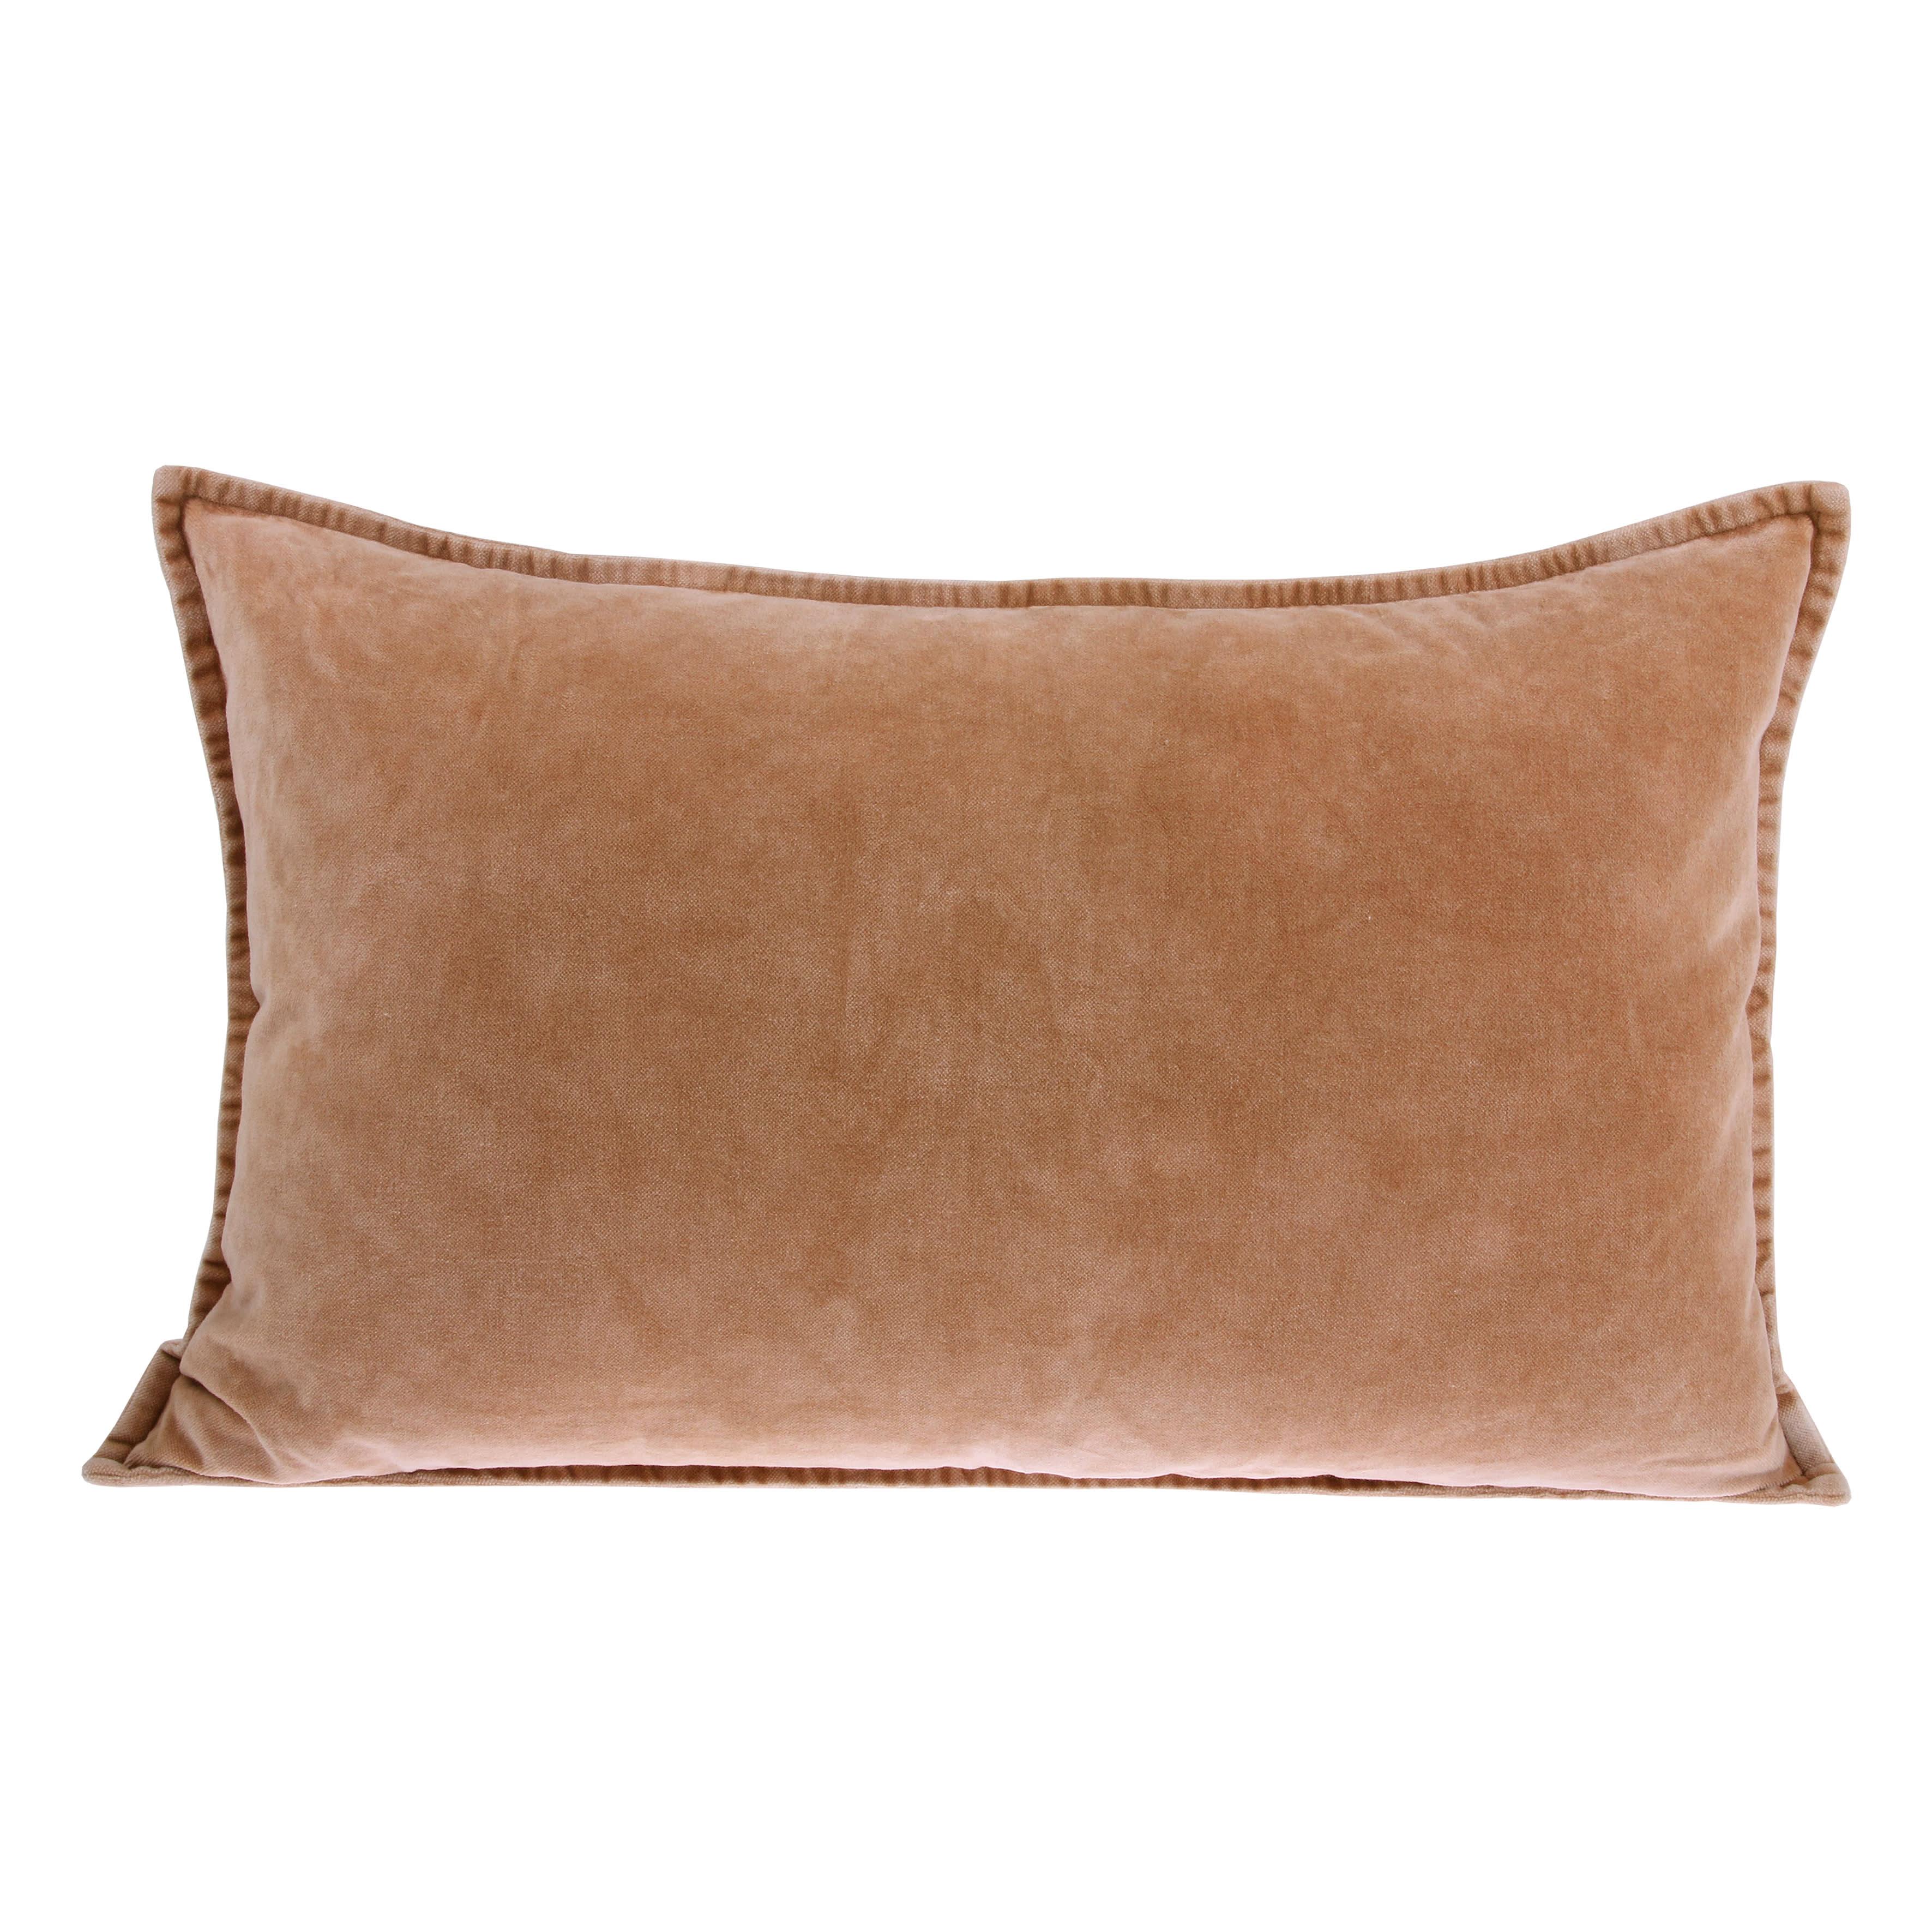 HK Living Velvet Rectangular Cushion in Taupe